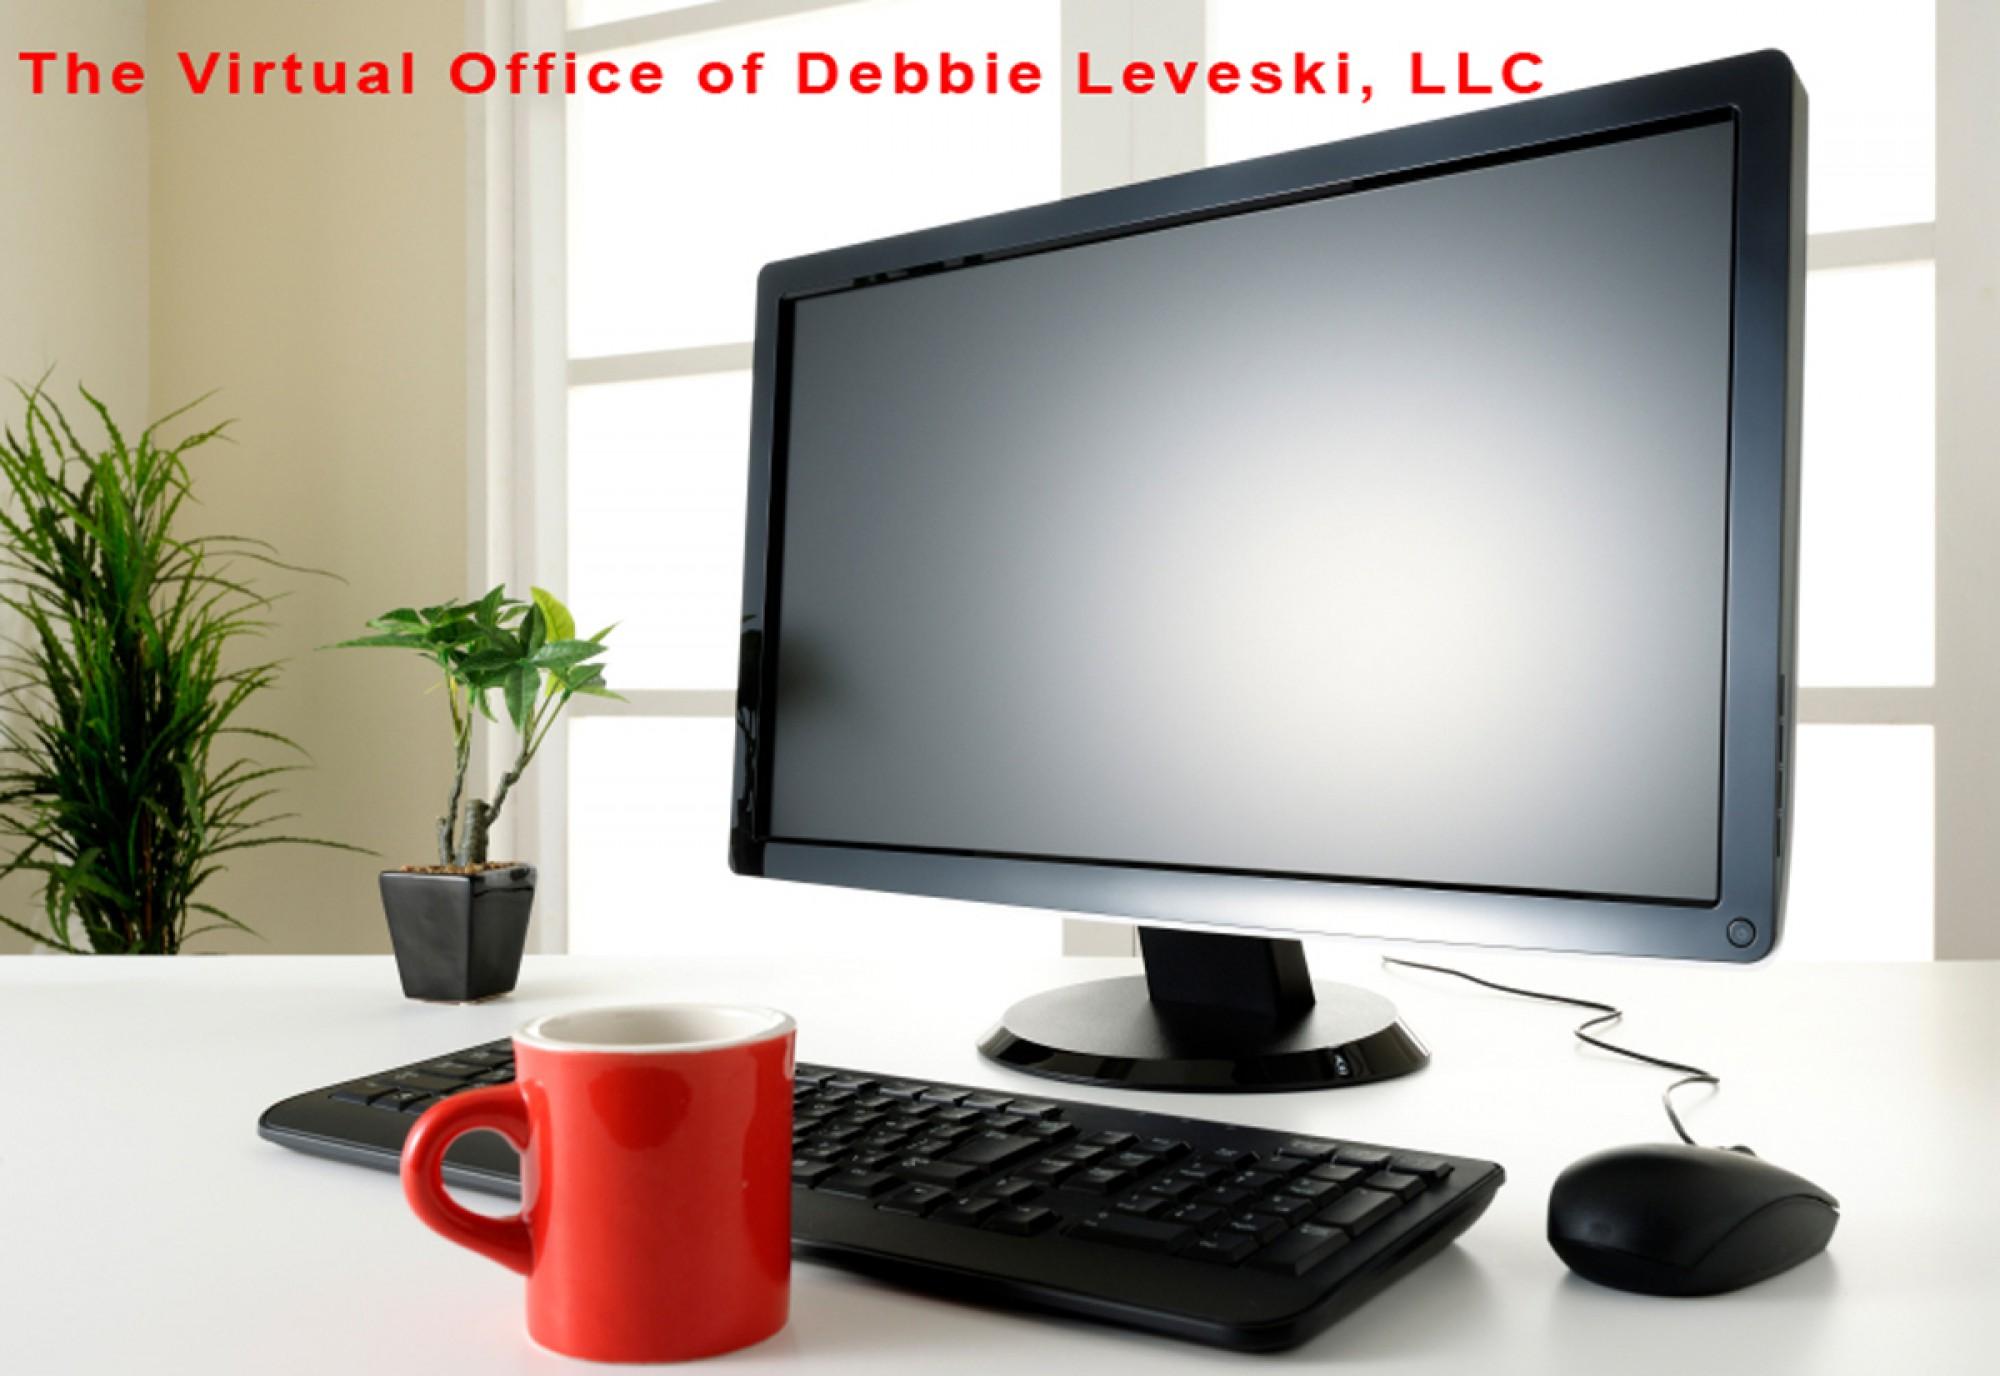 debbieleveski.com